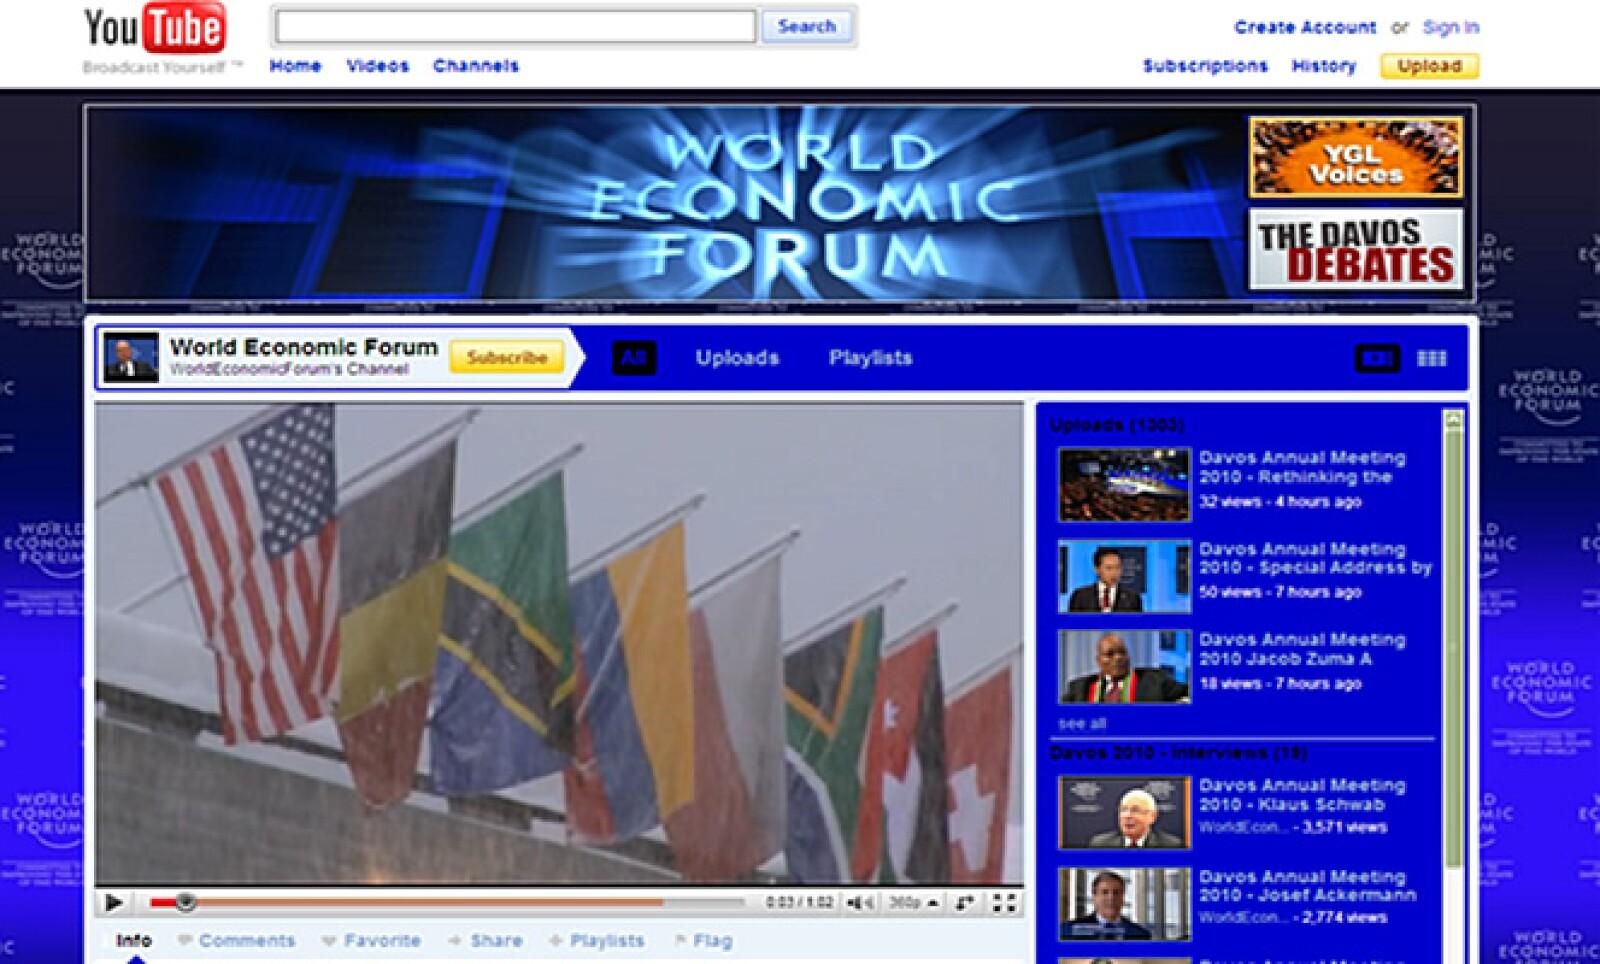 El Foro Económico Mundial innovó este año promoviéndose por medio de redes sociales como Facebook, YouTube y Twitter.